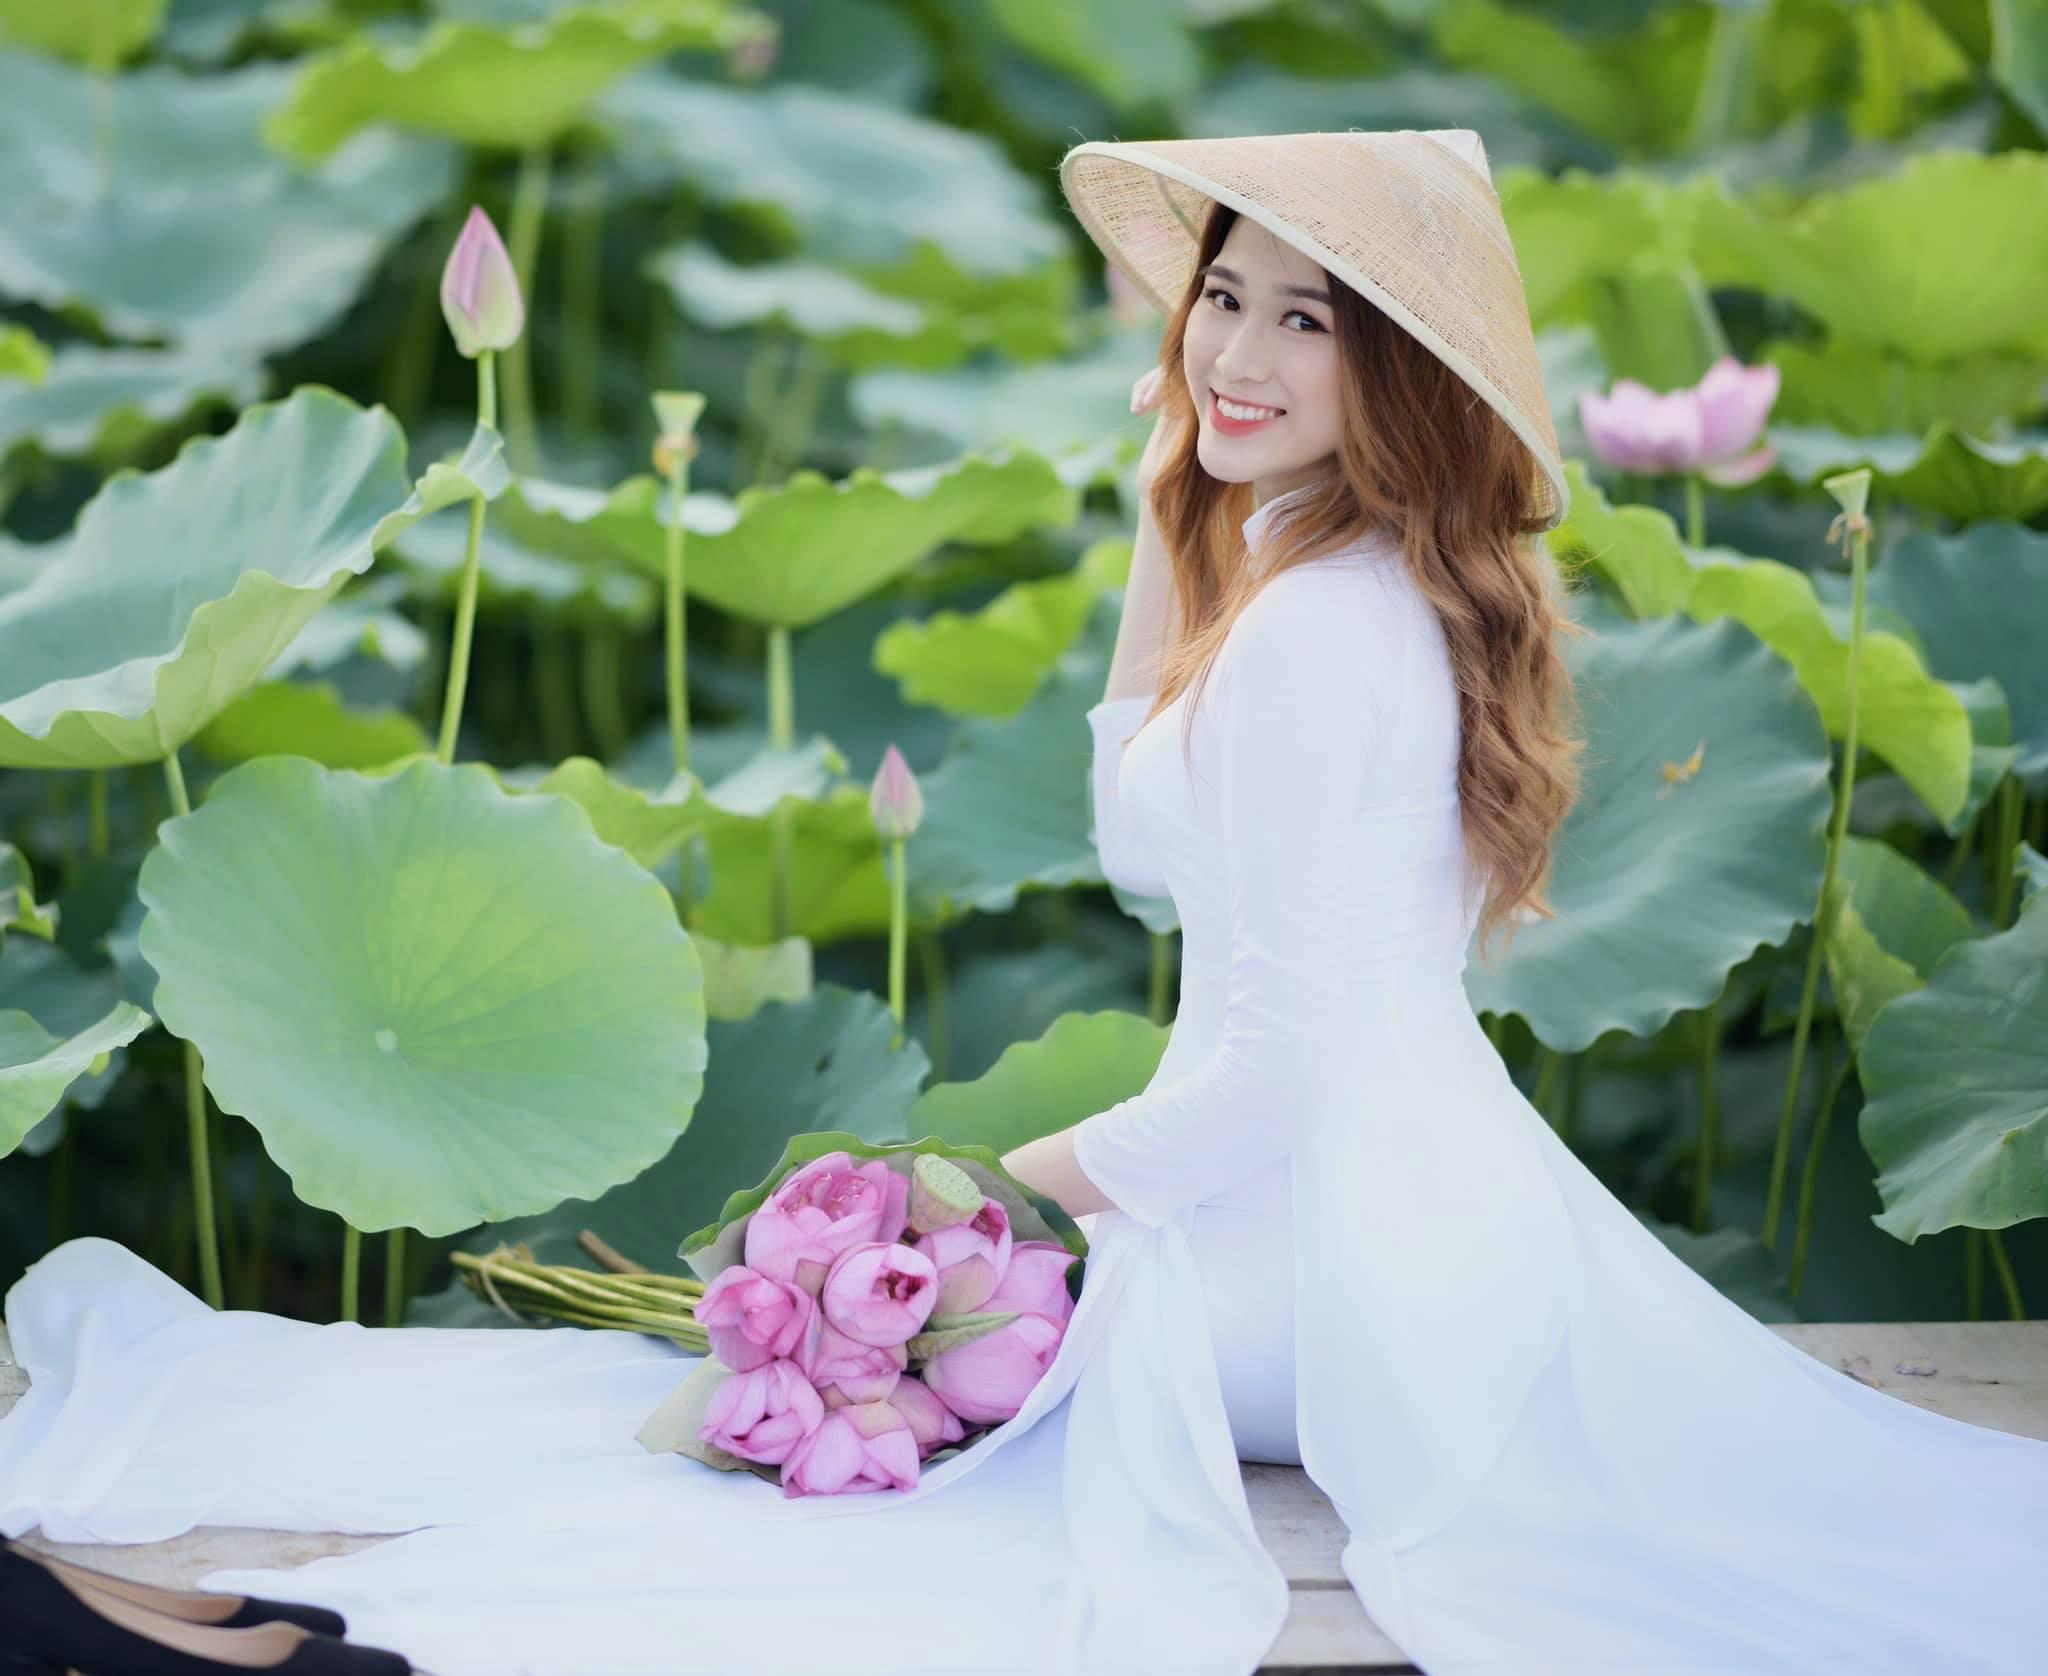 Tân Hoa hậu Việt Nam: Chân dài 1m11, con nhà nông, phải tích cóp từng đồng đi thi - 7